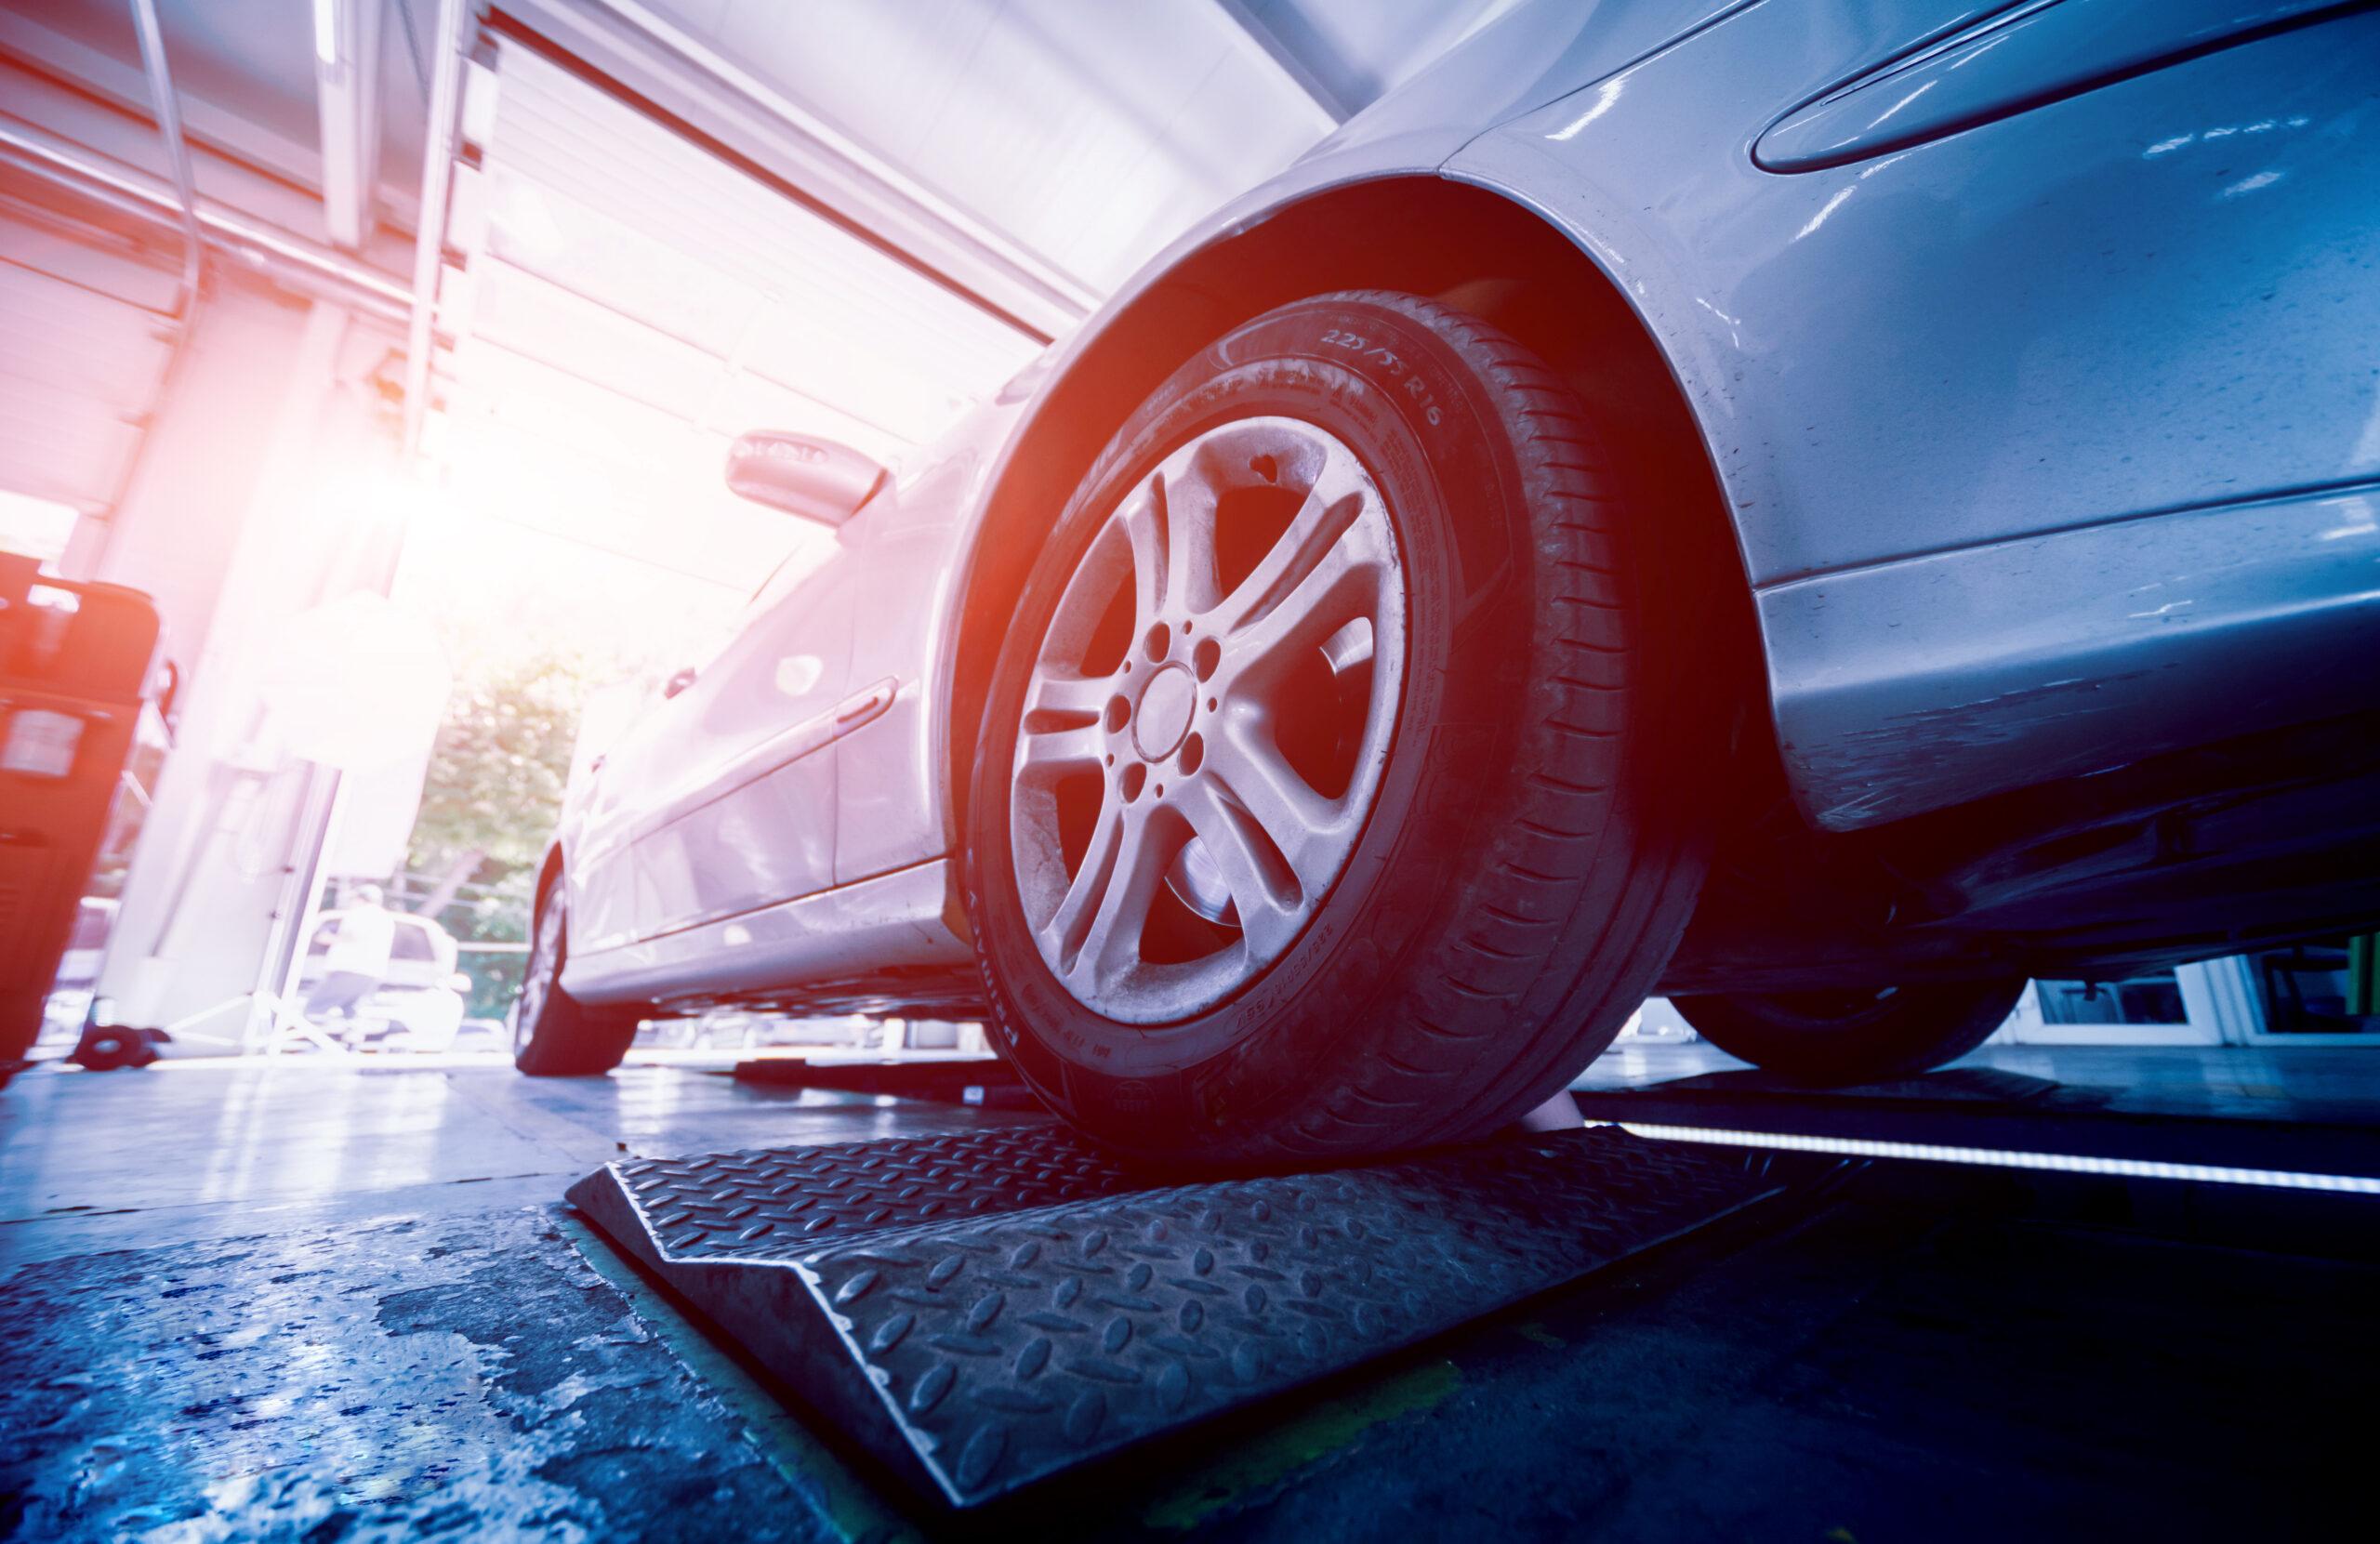 Przegląd techniczny auta i nowe przepisy – zmiany w zasadach i opłatach nieuniknione!